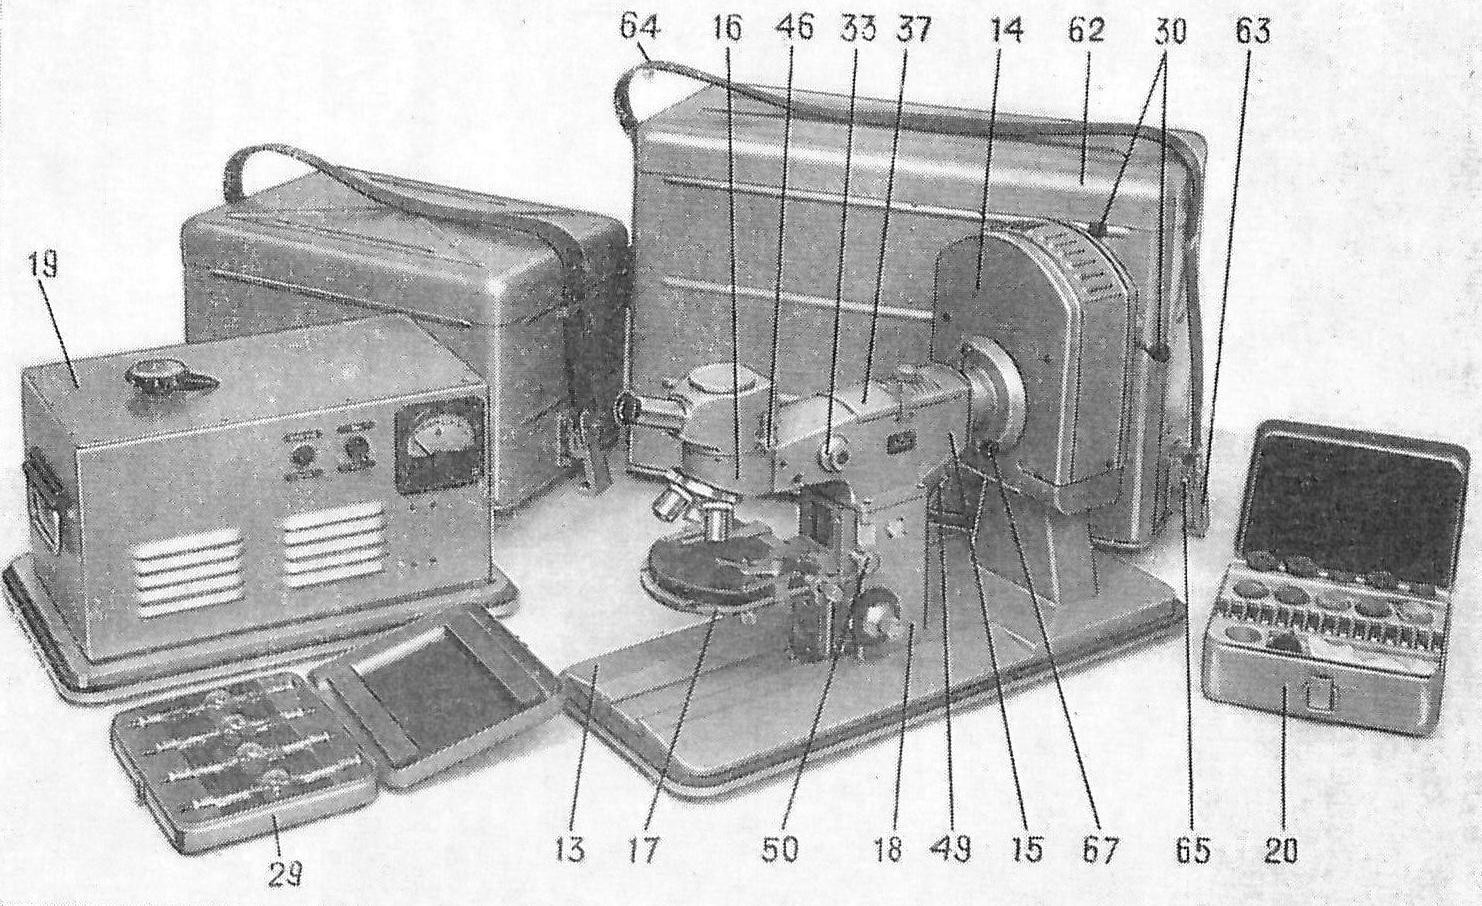 микроскоп люминесцентный дорожный млд-1 рис. 6